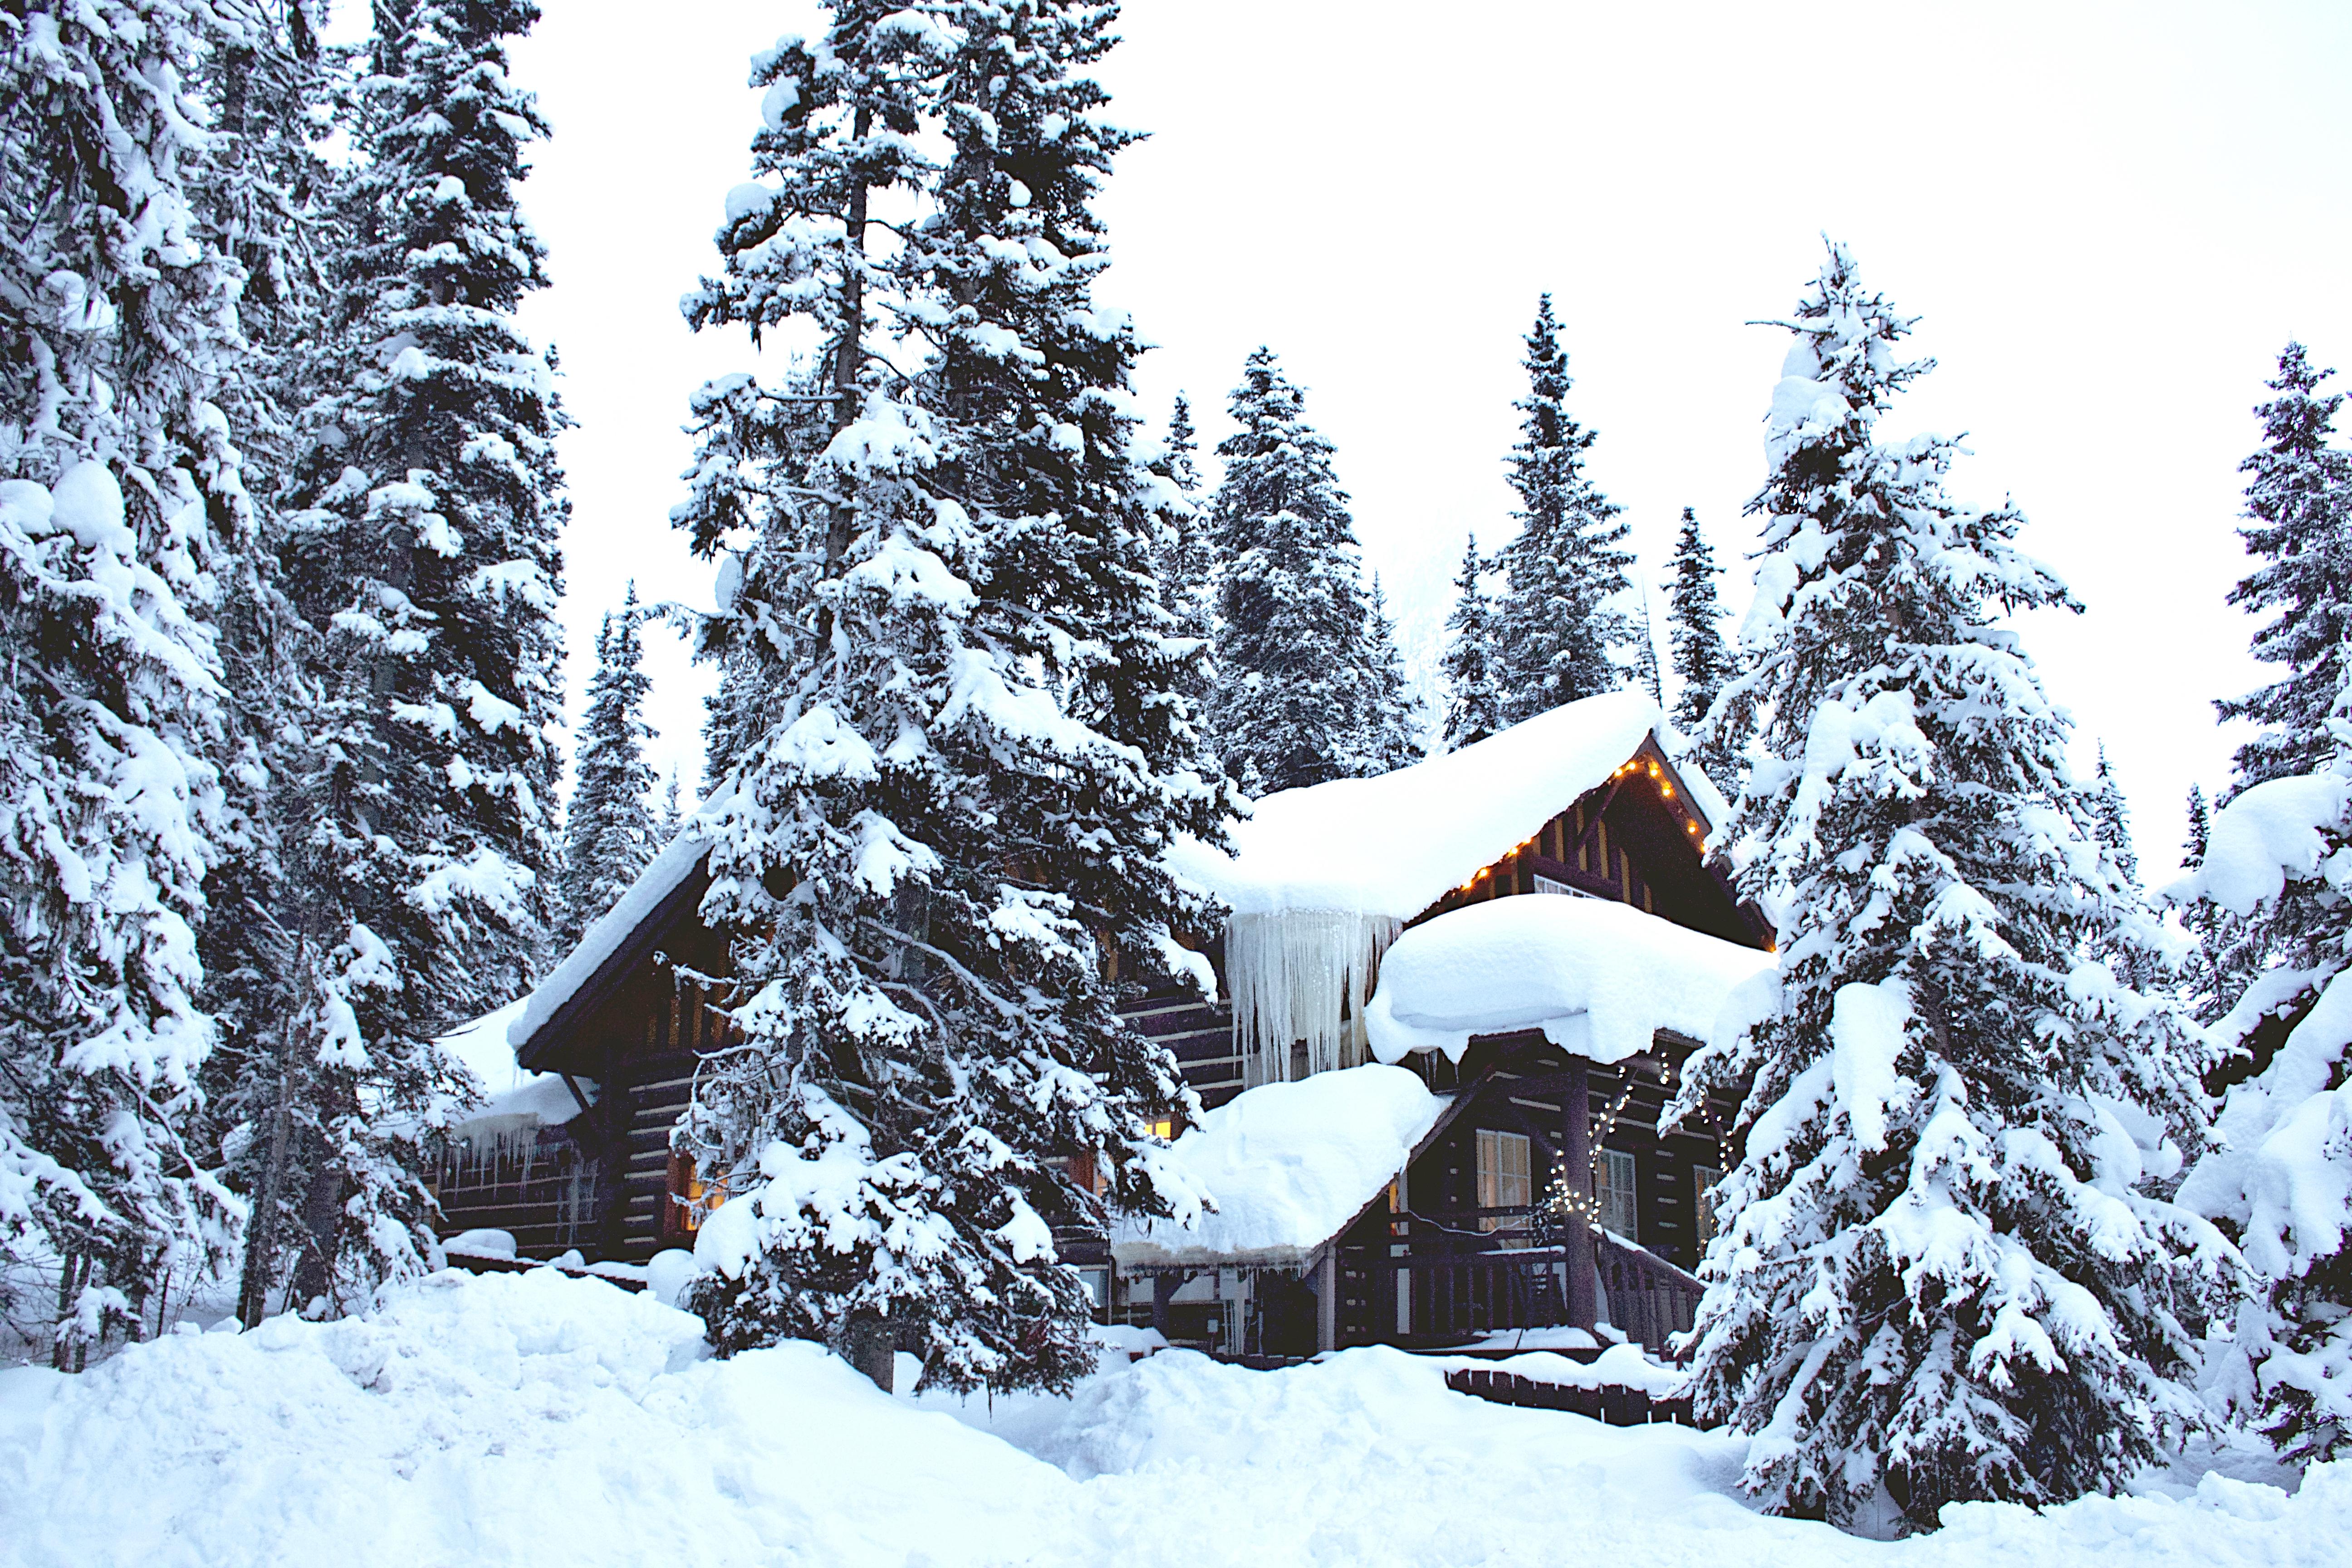 132533 Hintergrundbild 128x160 kostenlos auf deinem Handy, lade Bilder Winterreifen, Natur, Schnee, Wald, Haus 128x160 auf dein Handy herunter